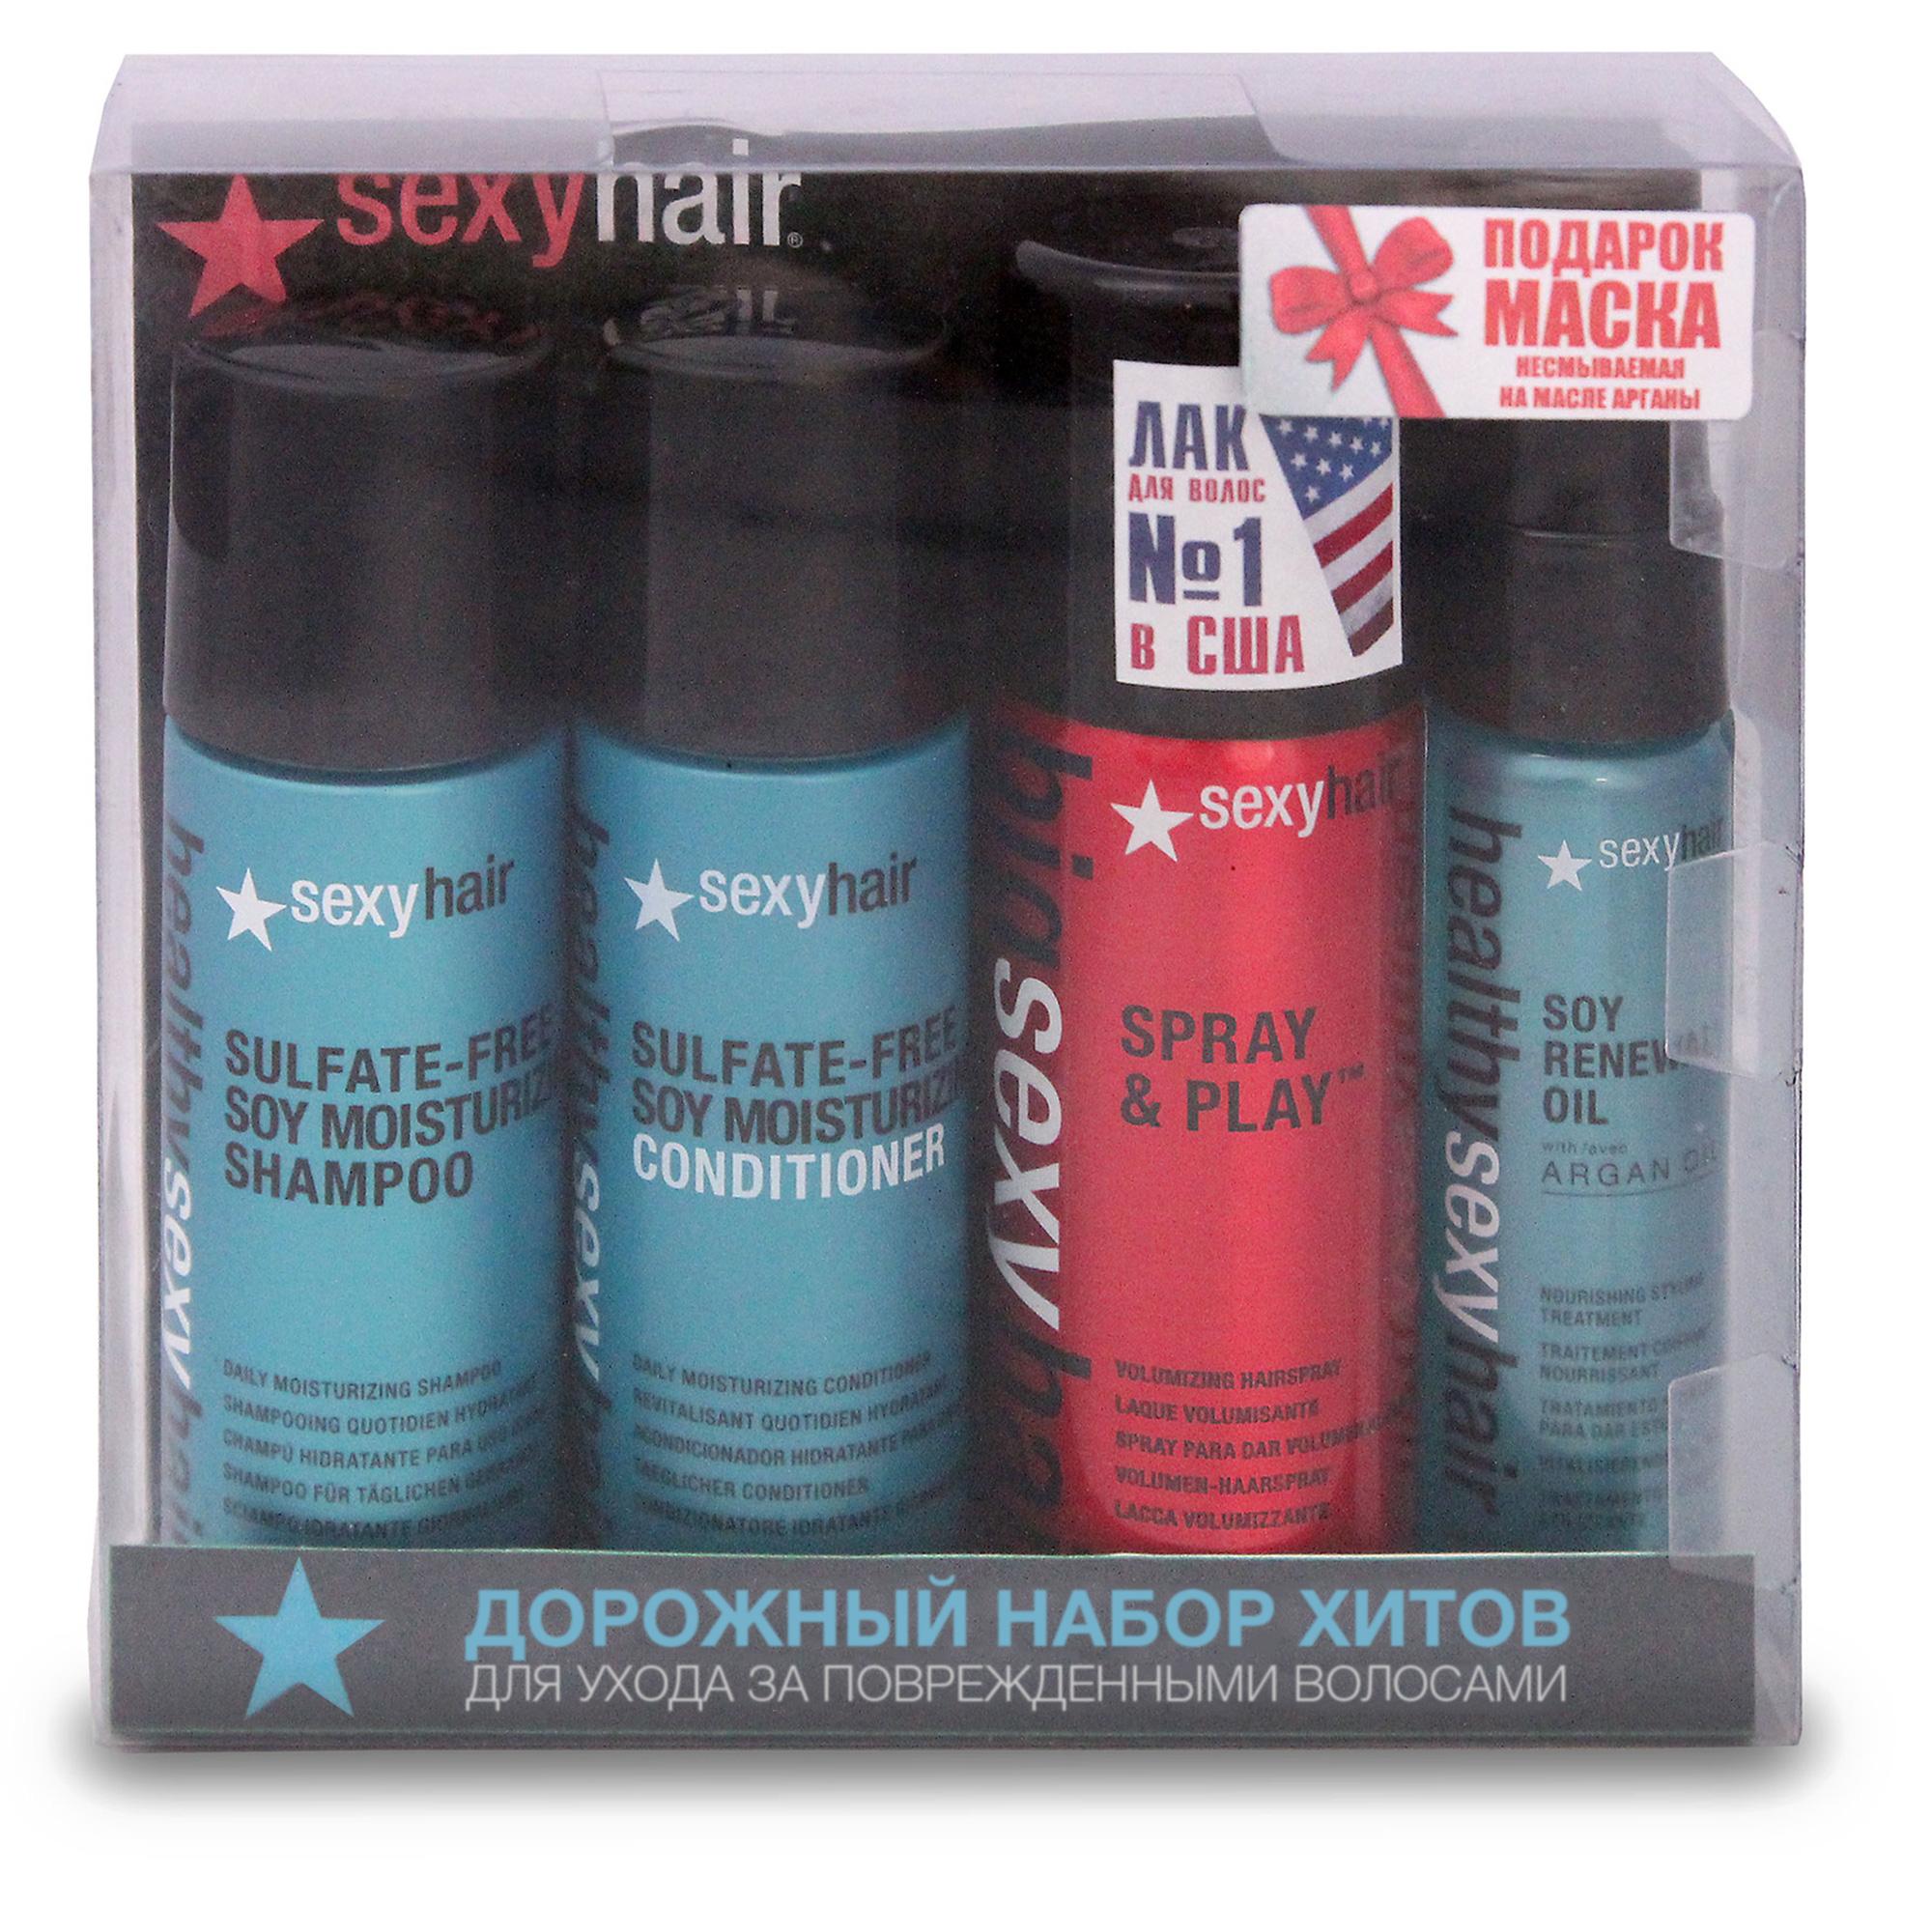 SEXY HAIR Набор дорожный №2 : шампунь, кондиционер, спрей, маска / Sexy Hair 50 мл+50 мл+50 мл+25 мл sexy hair sexy hair набор шампунь и кондиционер для объема 300 мл 300 мл